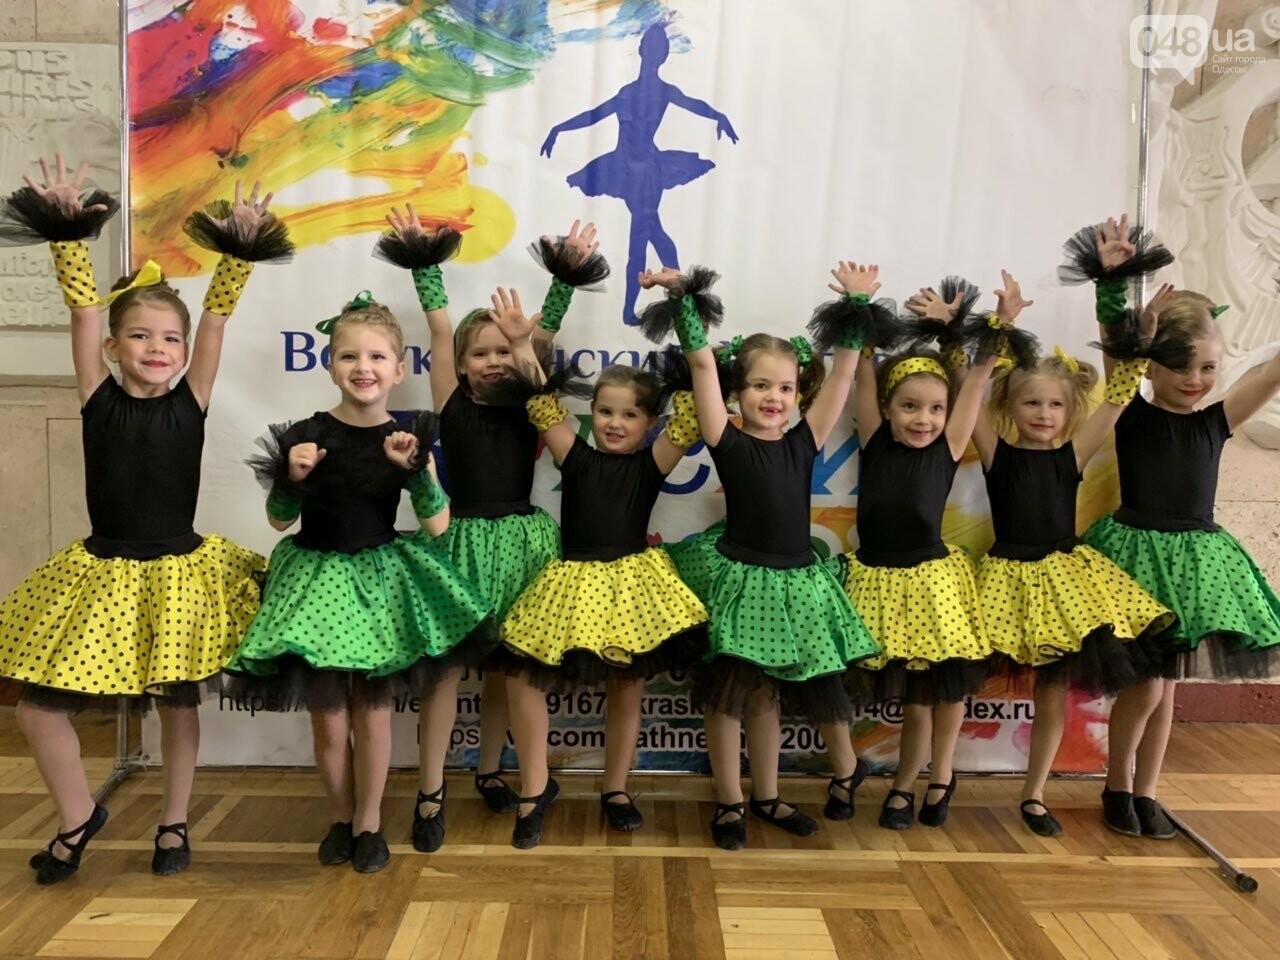 Танцевальные школы Одессы, выбери свой стиль танца., фото-9